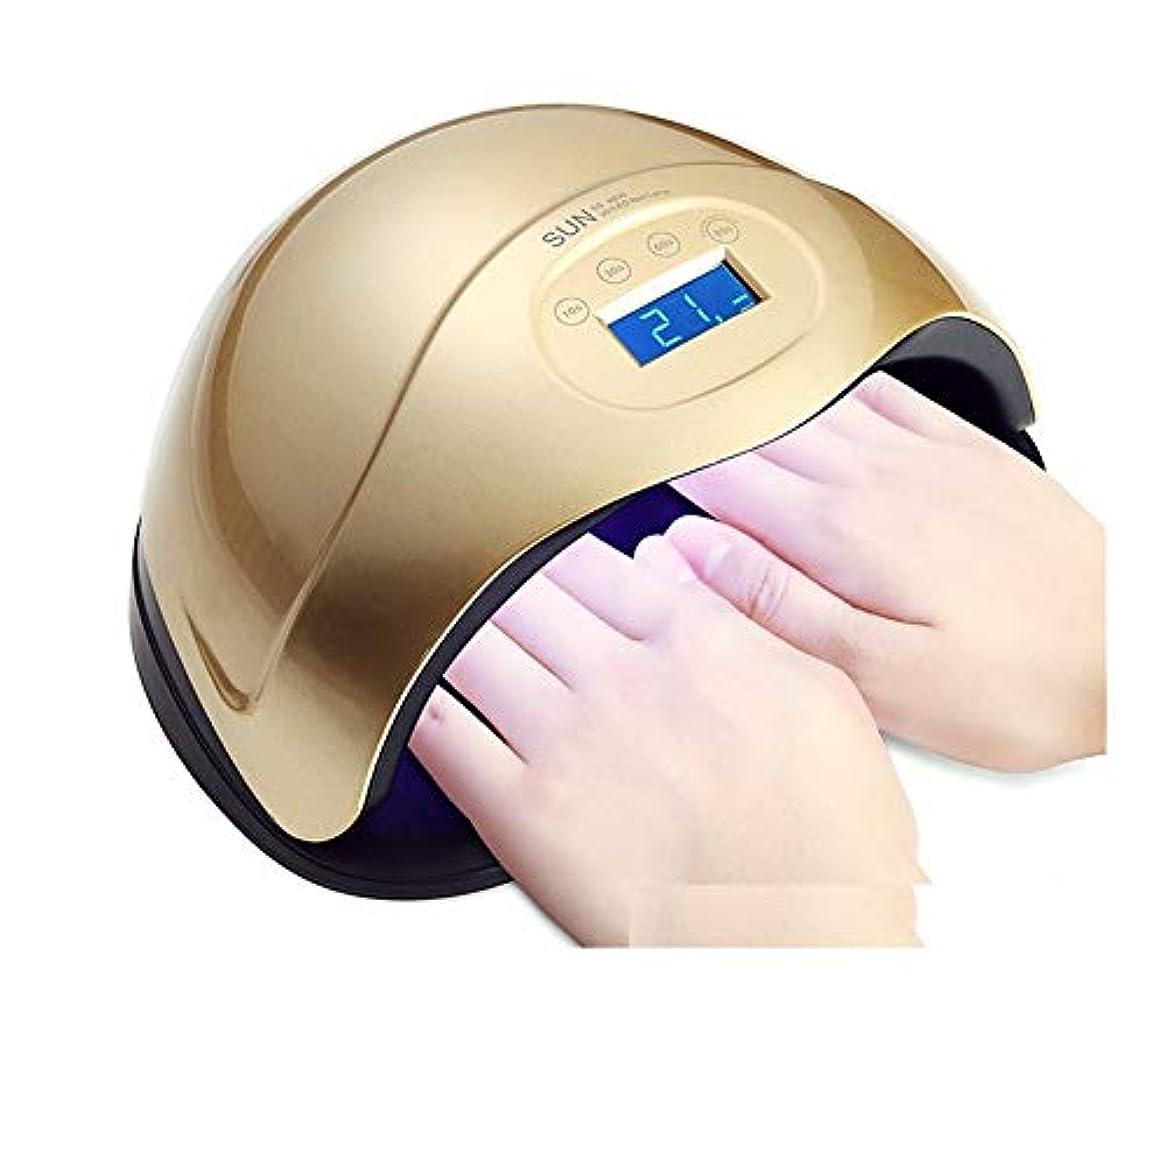 自信があるアレイ適度にLittleCat 48ワットネイルUVランプネイルネイル工作機械ハンズライト光線療法 (色 : 48W pink)